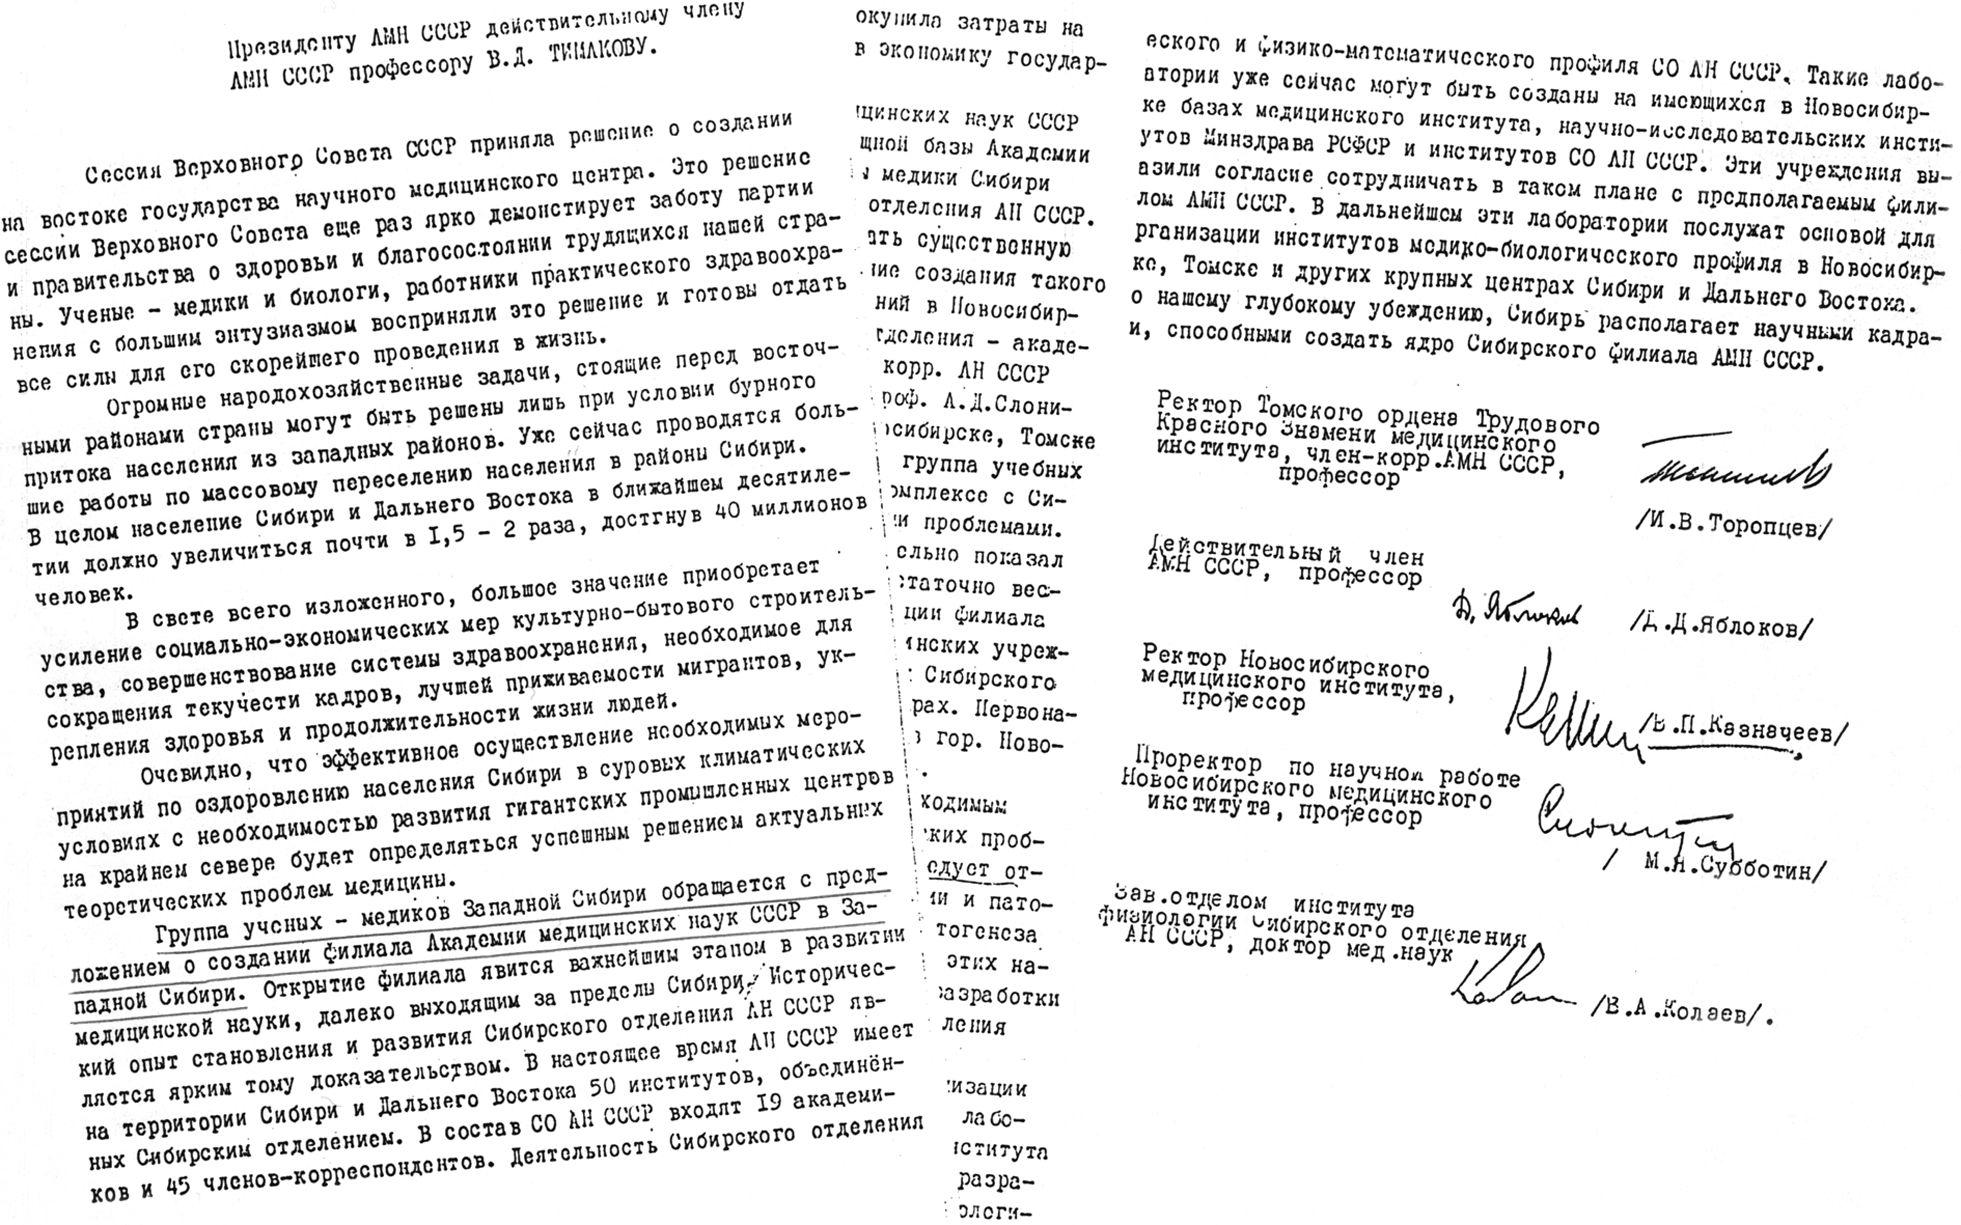 Письмо об организации СФ АМН СССР